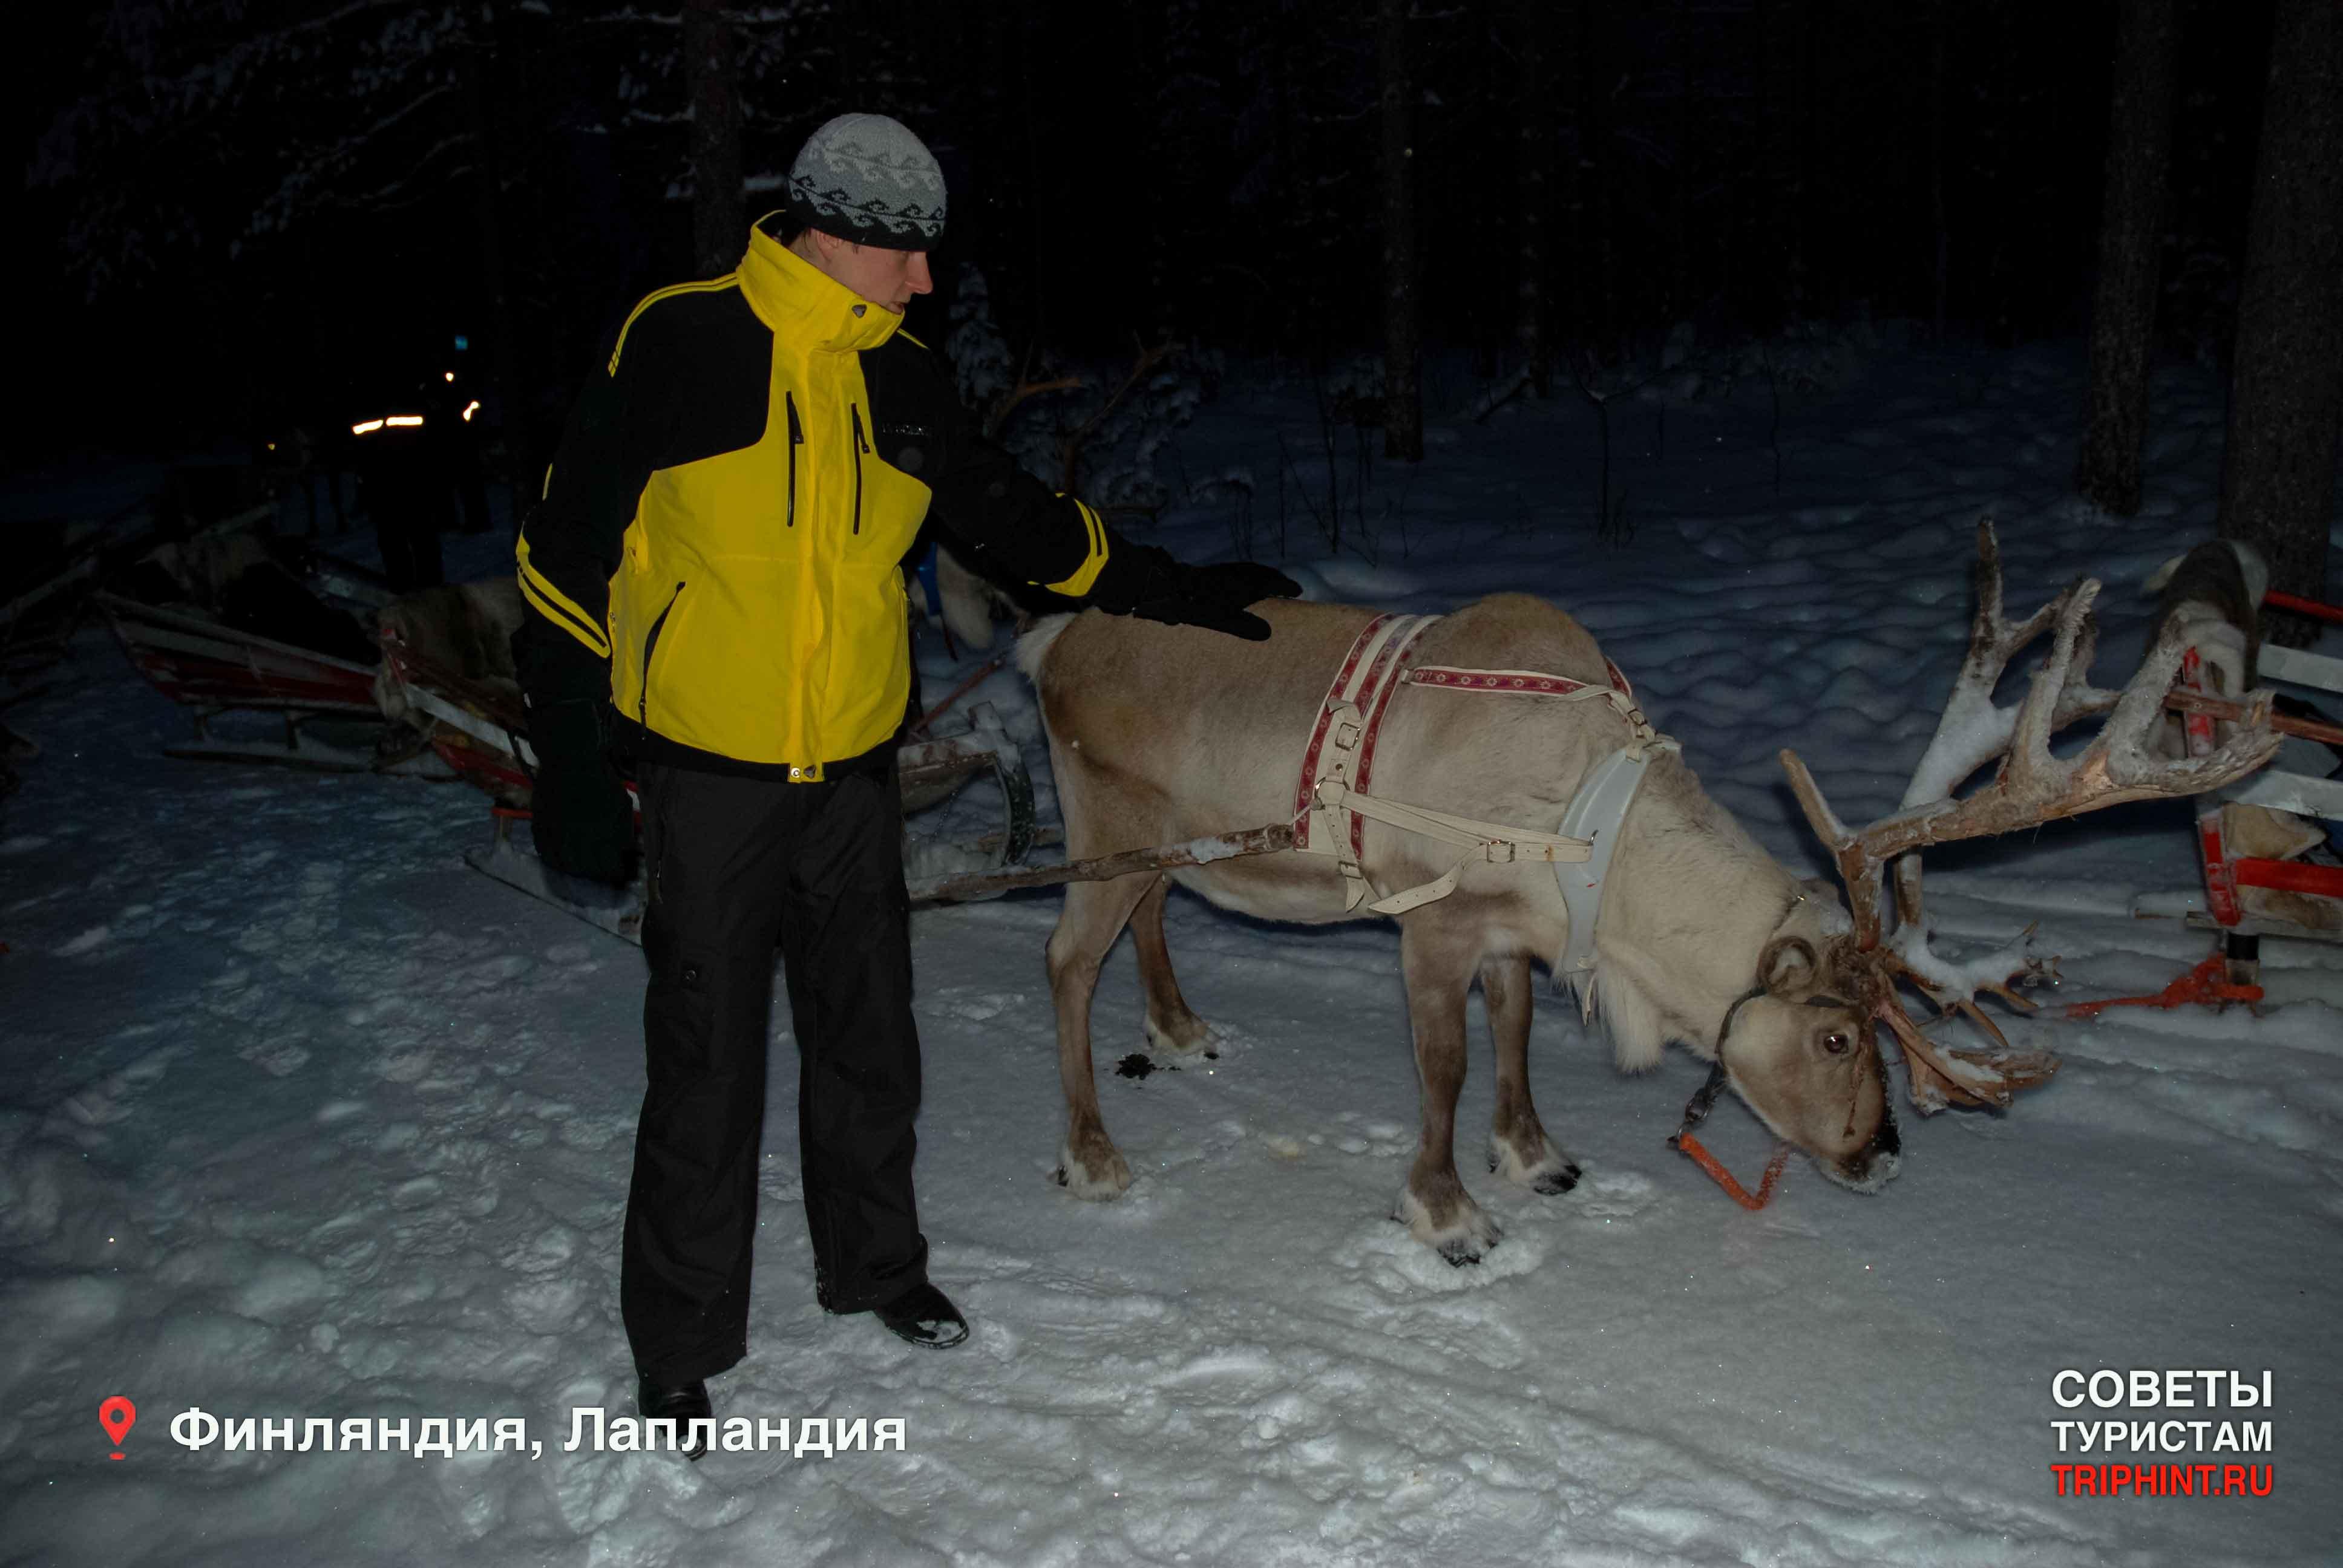 Что посетить в Финляндии на новый год: Лапландия, поездка на оленьих упряжках